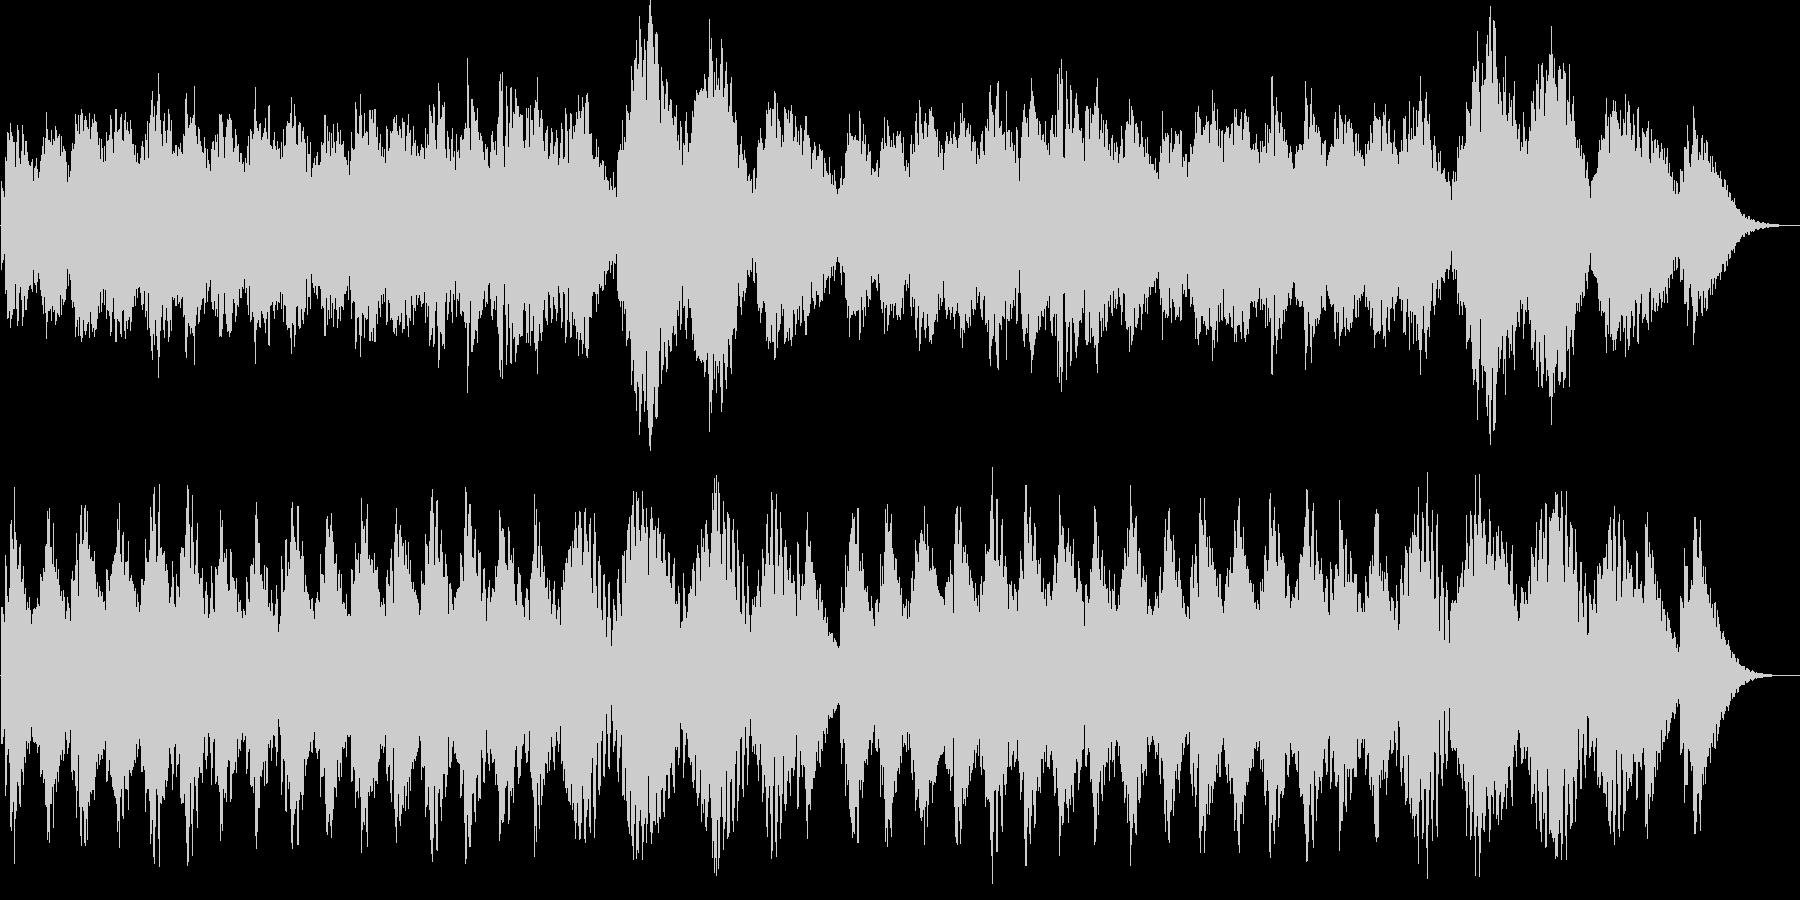 しっとり感のシンセサイザーサウンドの未再生の波形